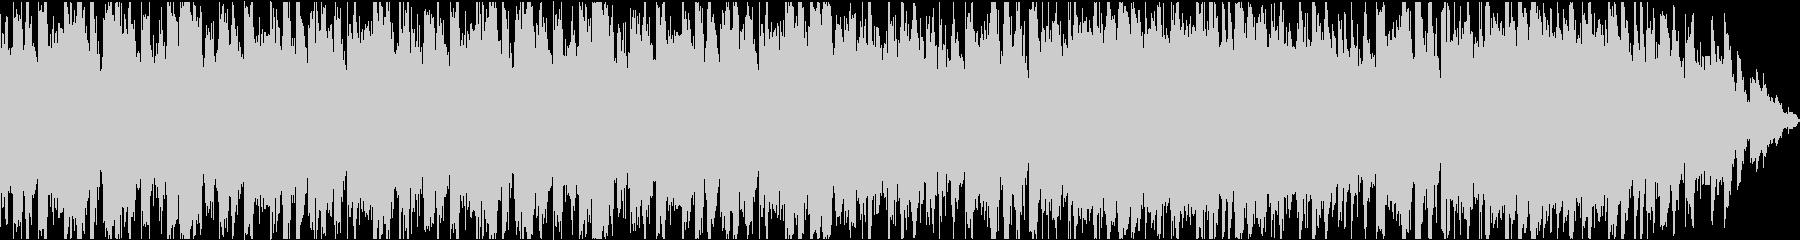 不思議な、少しコミカルなBGMの未再生の波形